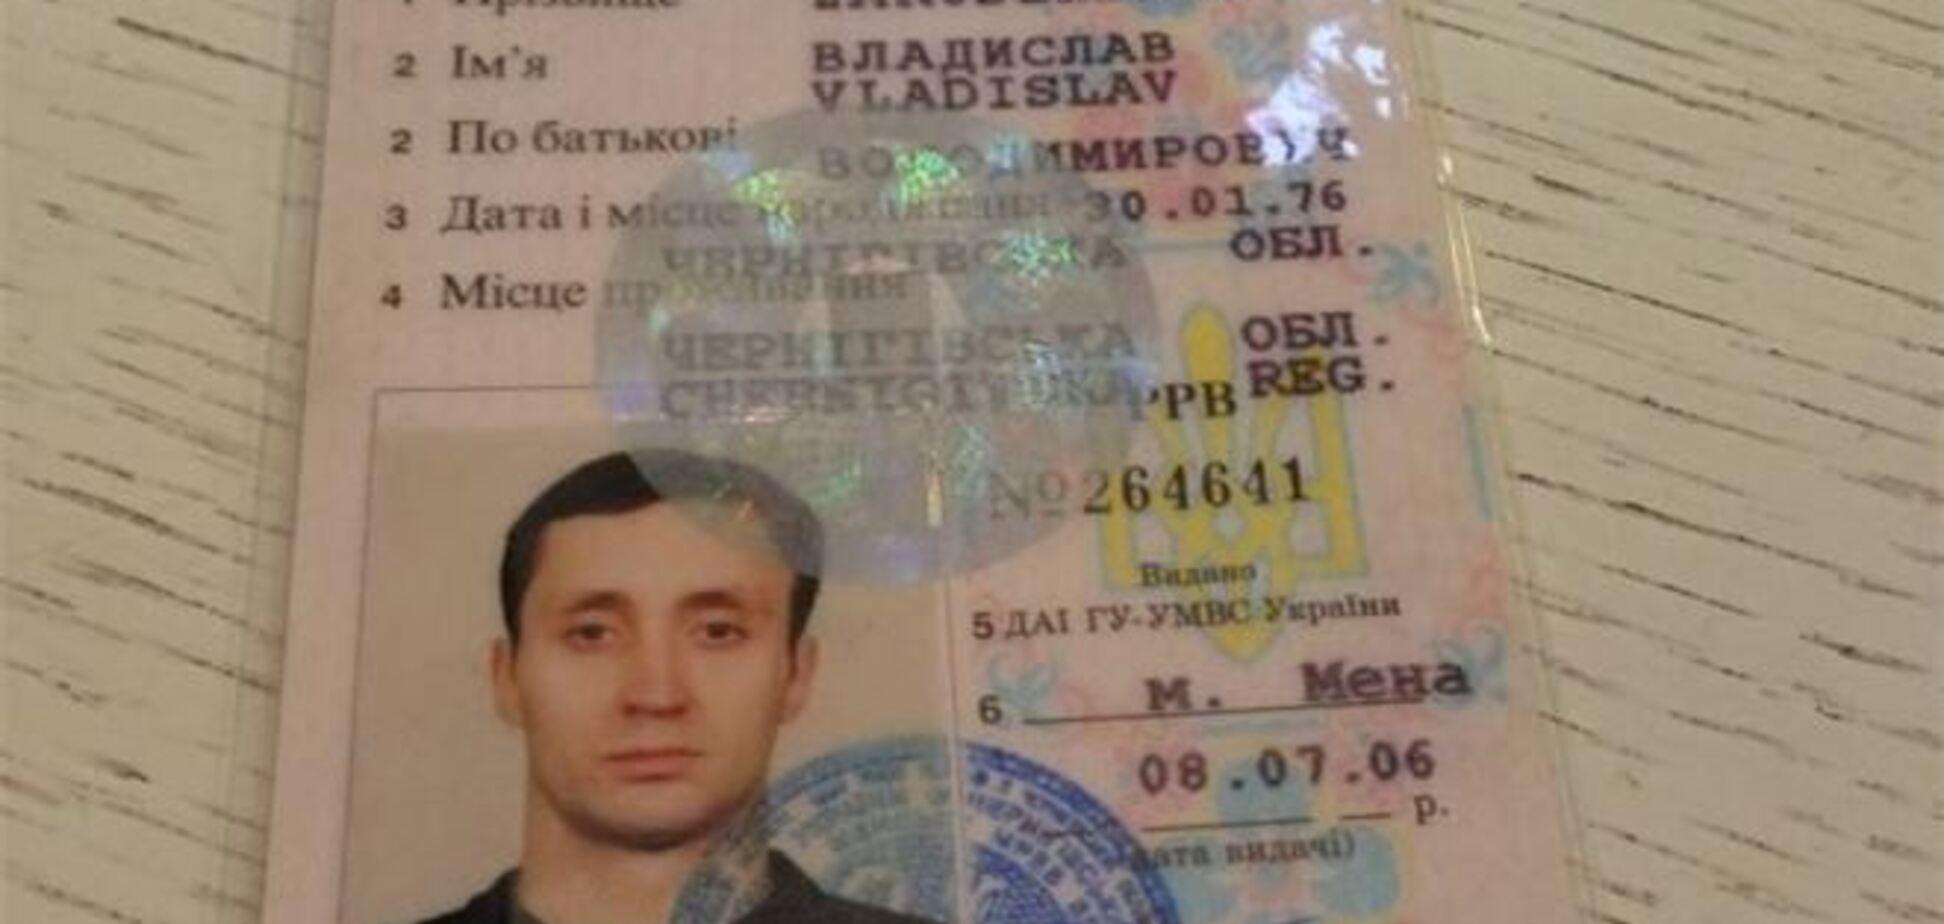 Через Facebook нашли владельца водительских прав, потерянных в России